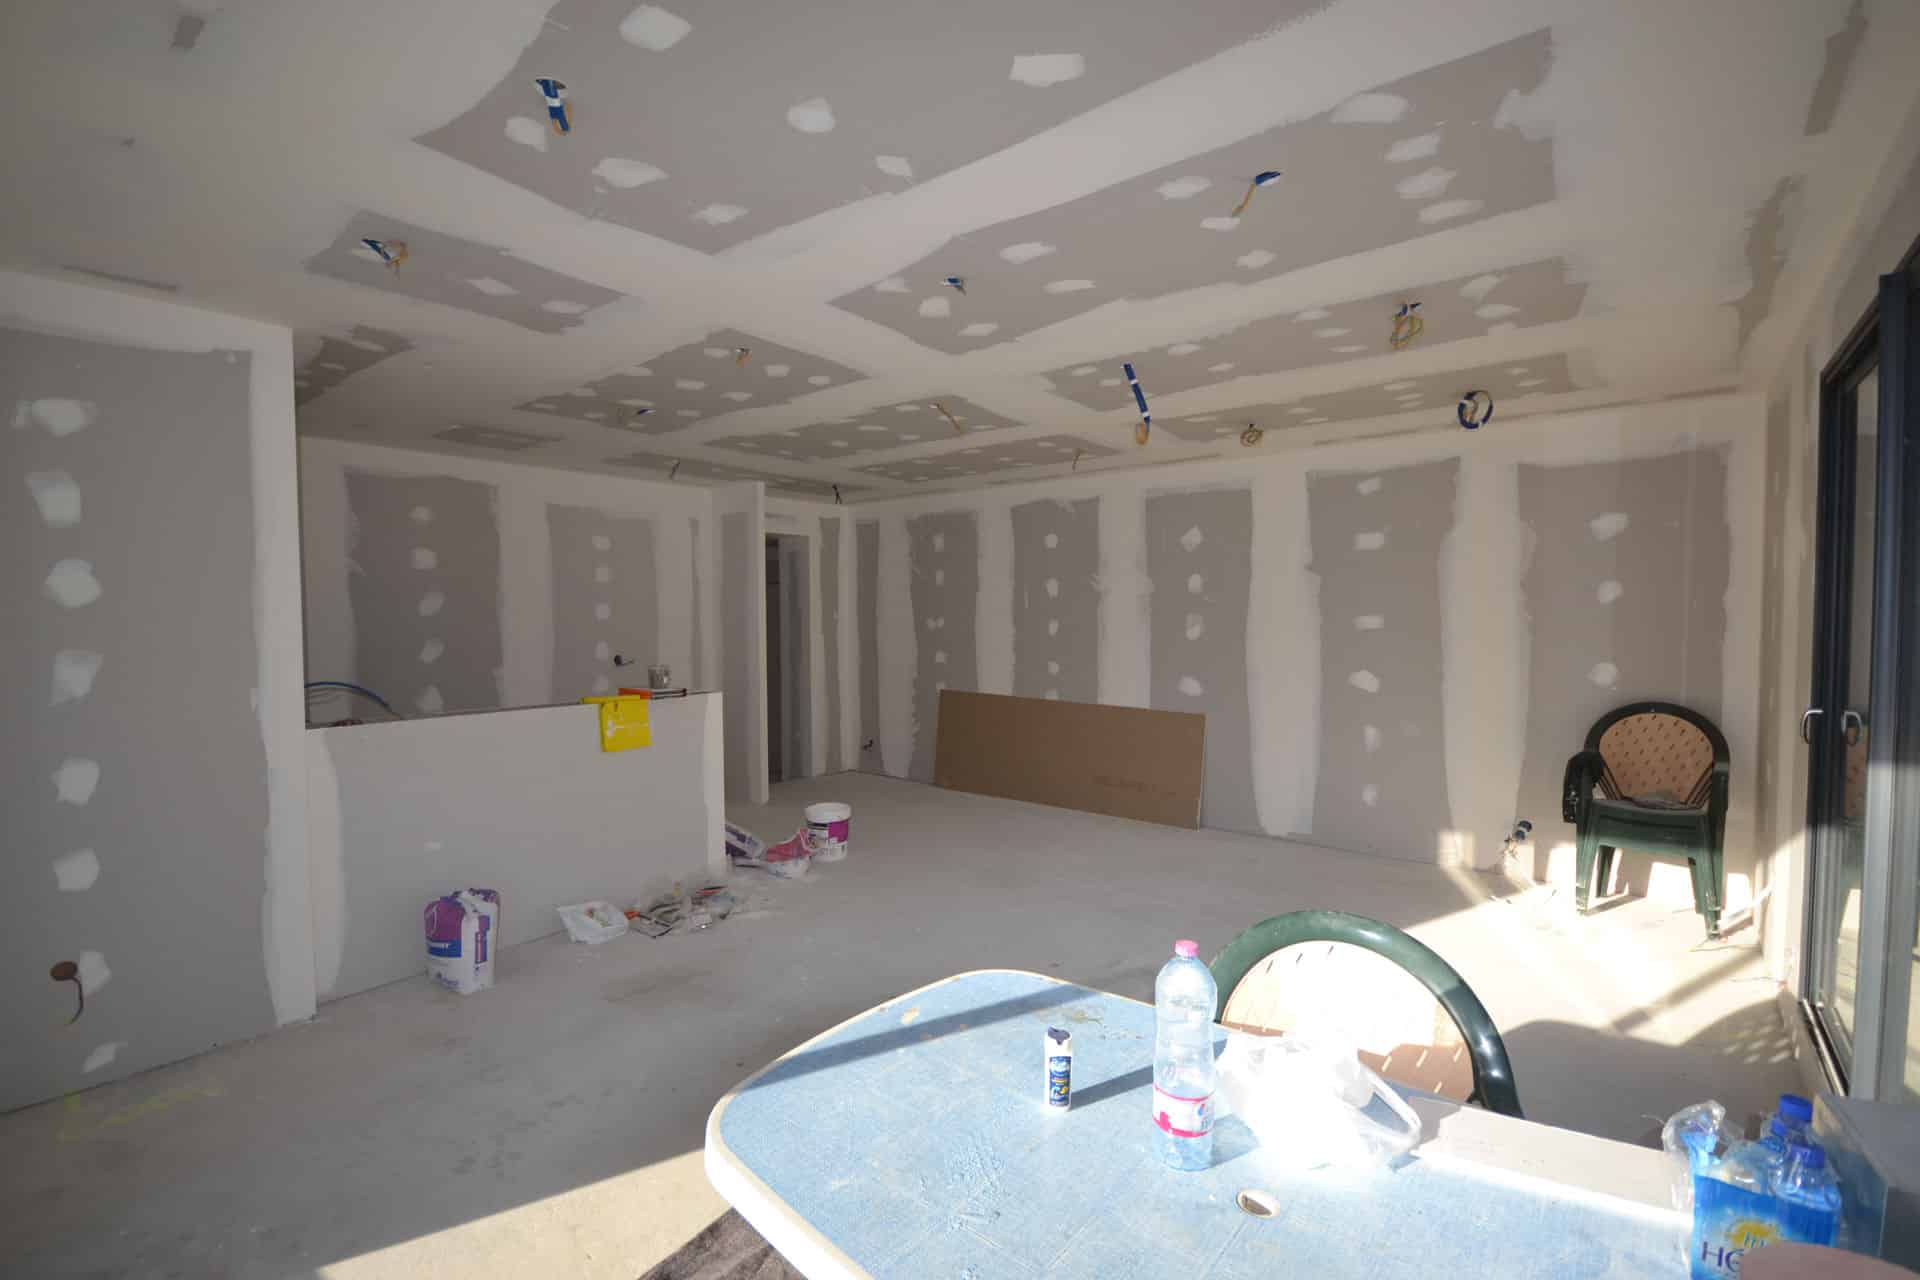 extension et surélévation Caquefou6 - Extension et rénovation d'une maison à Carquefou (44)